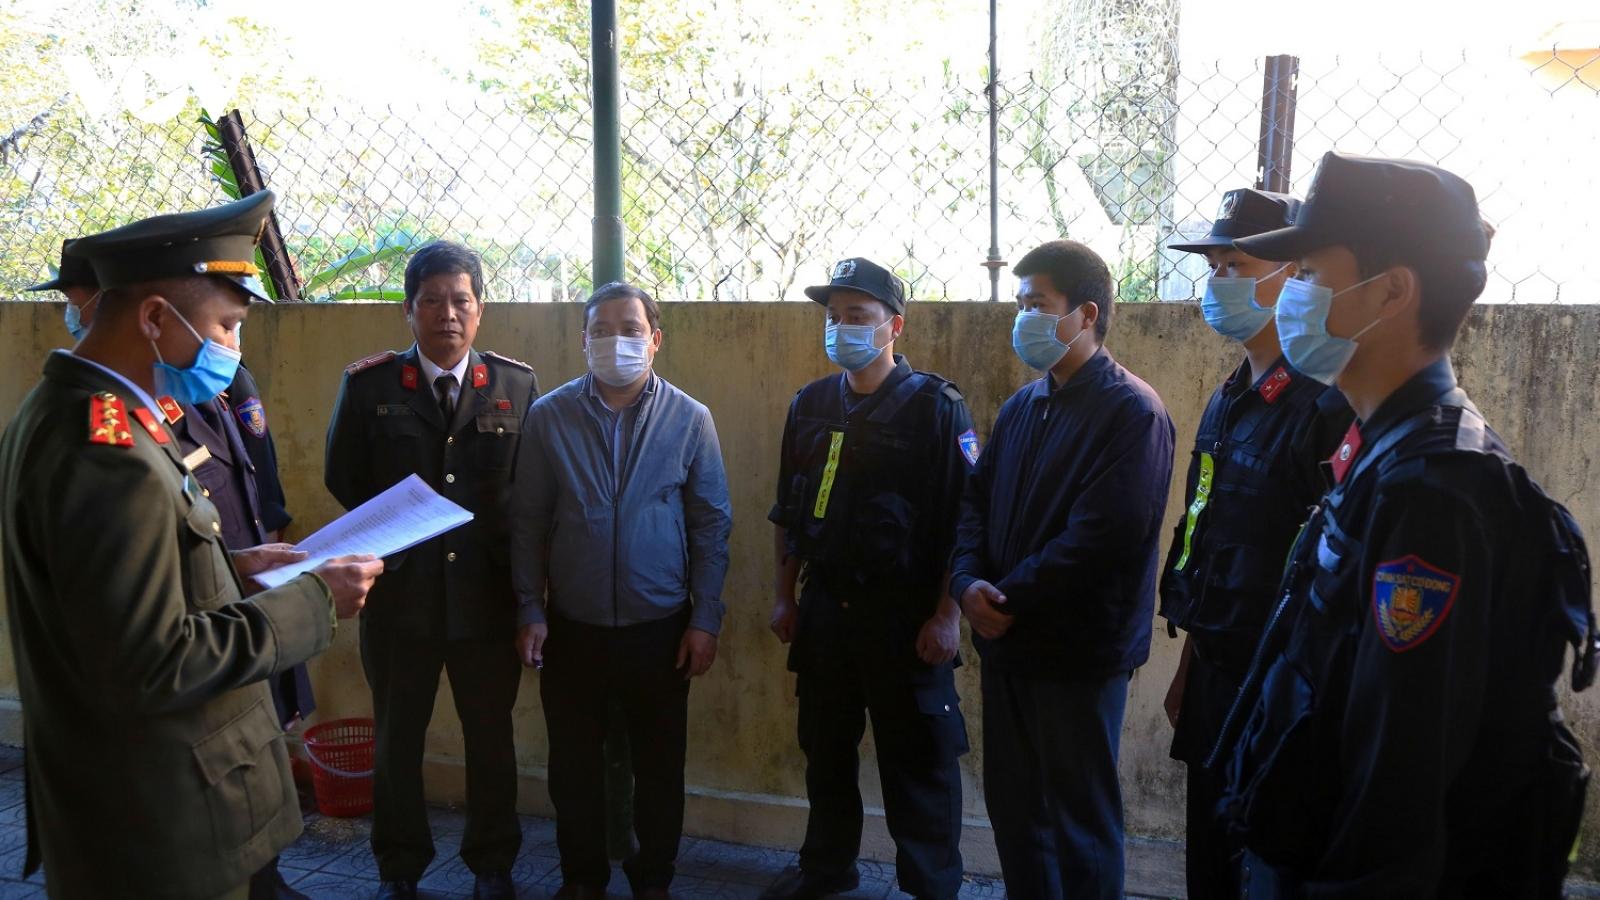 Phá chuyên án đưa người Trung Quốc nhập cảnh trái phép vào Việt Nam